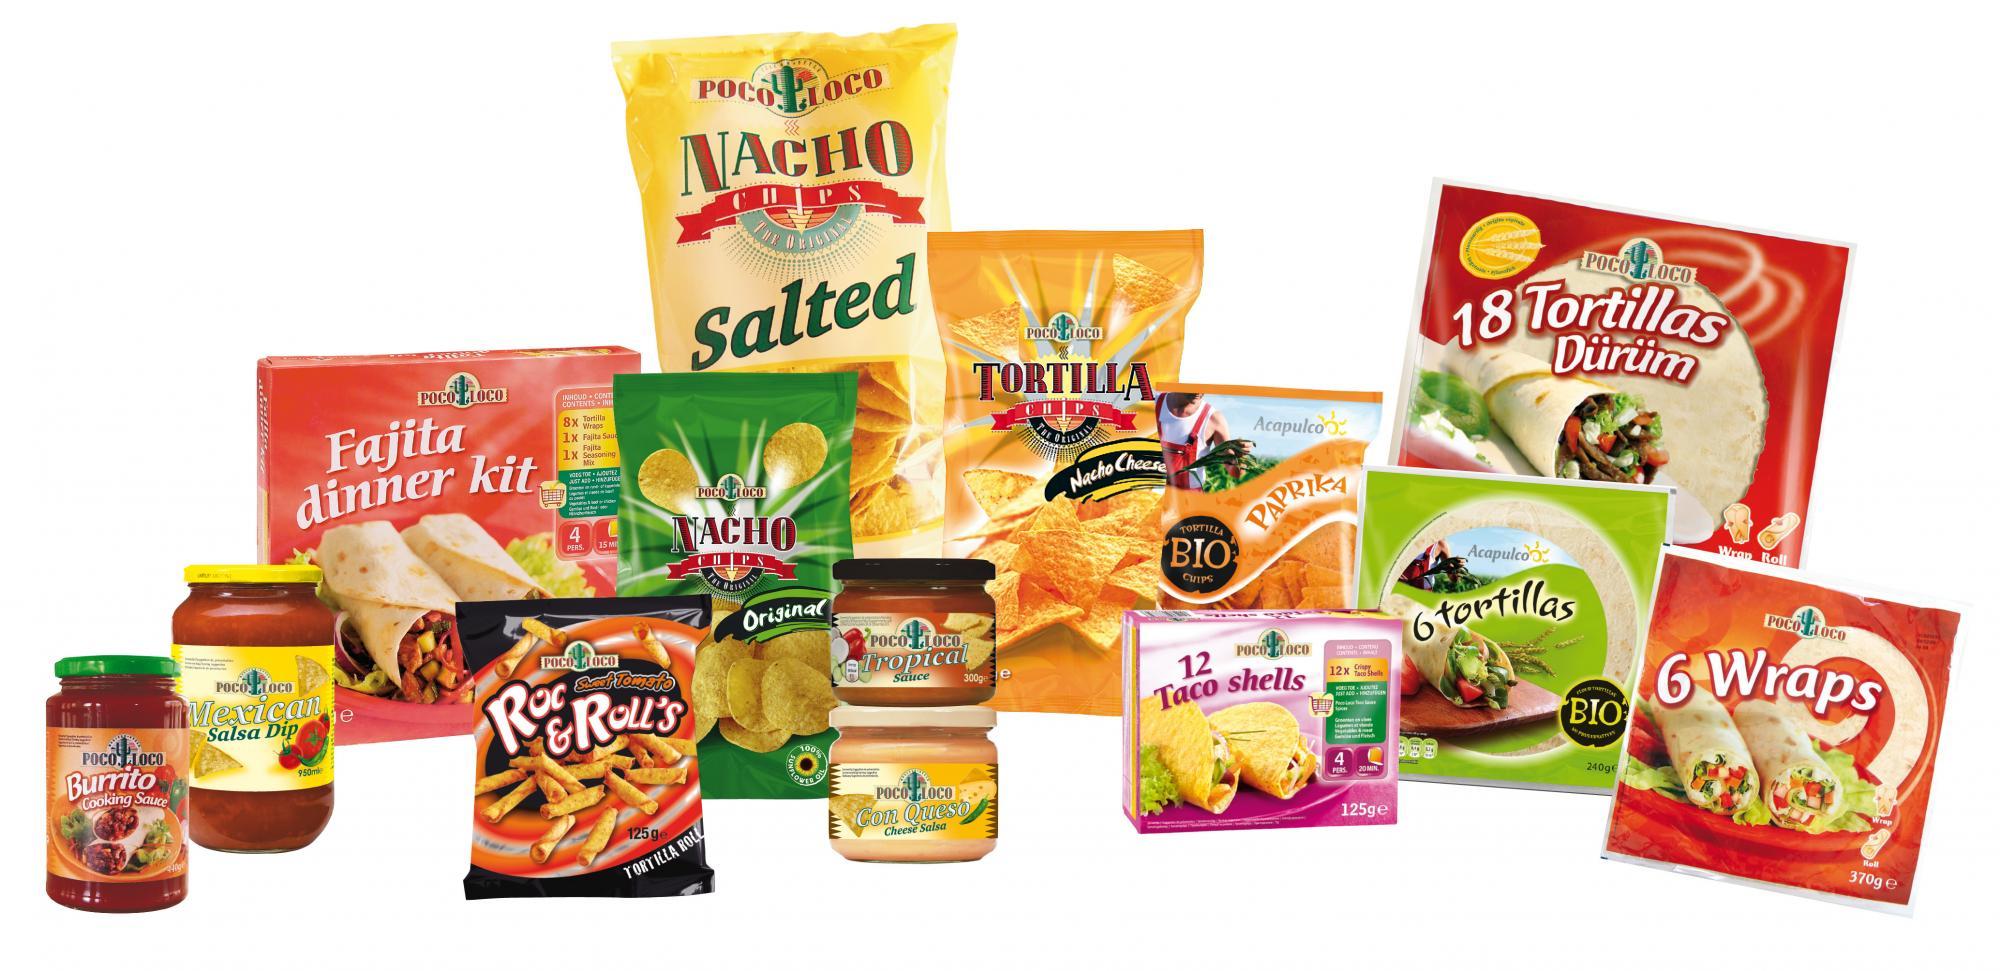 Poco Loco Taco dinner kit